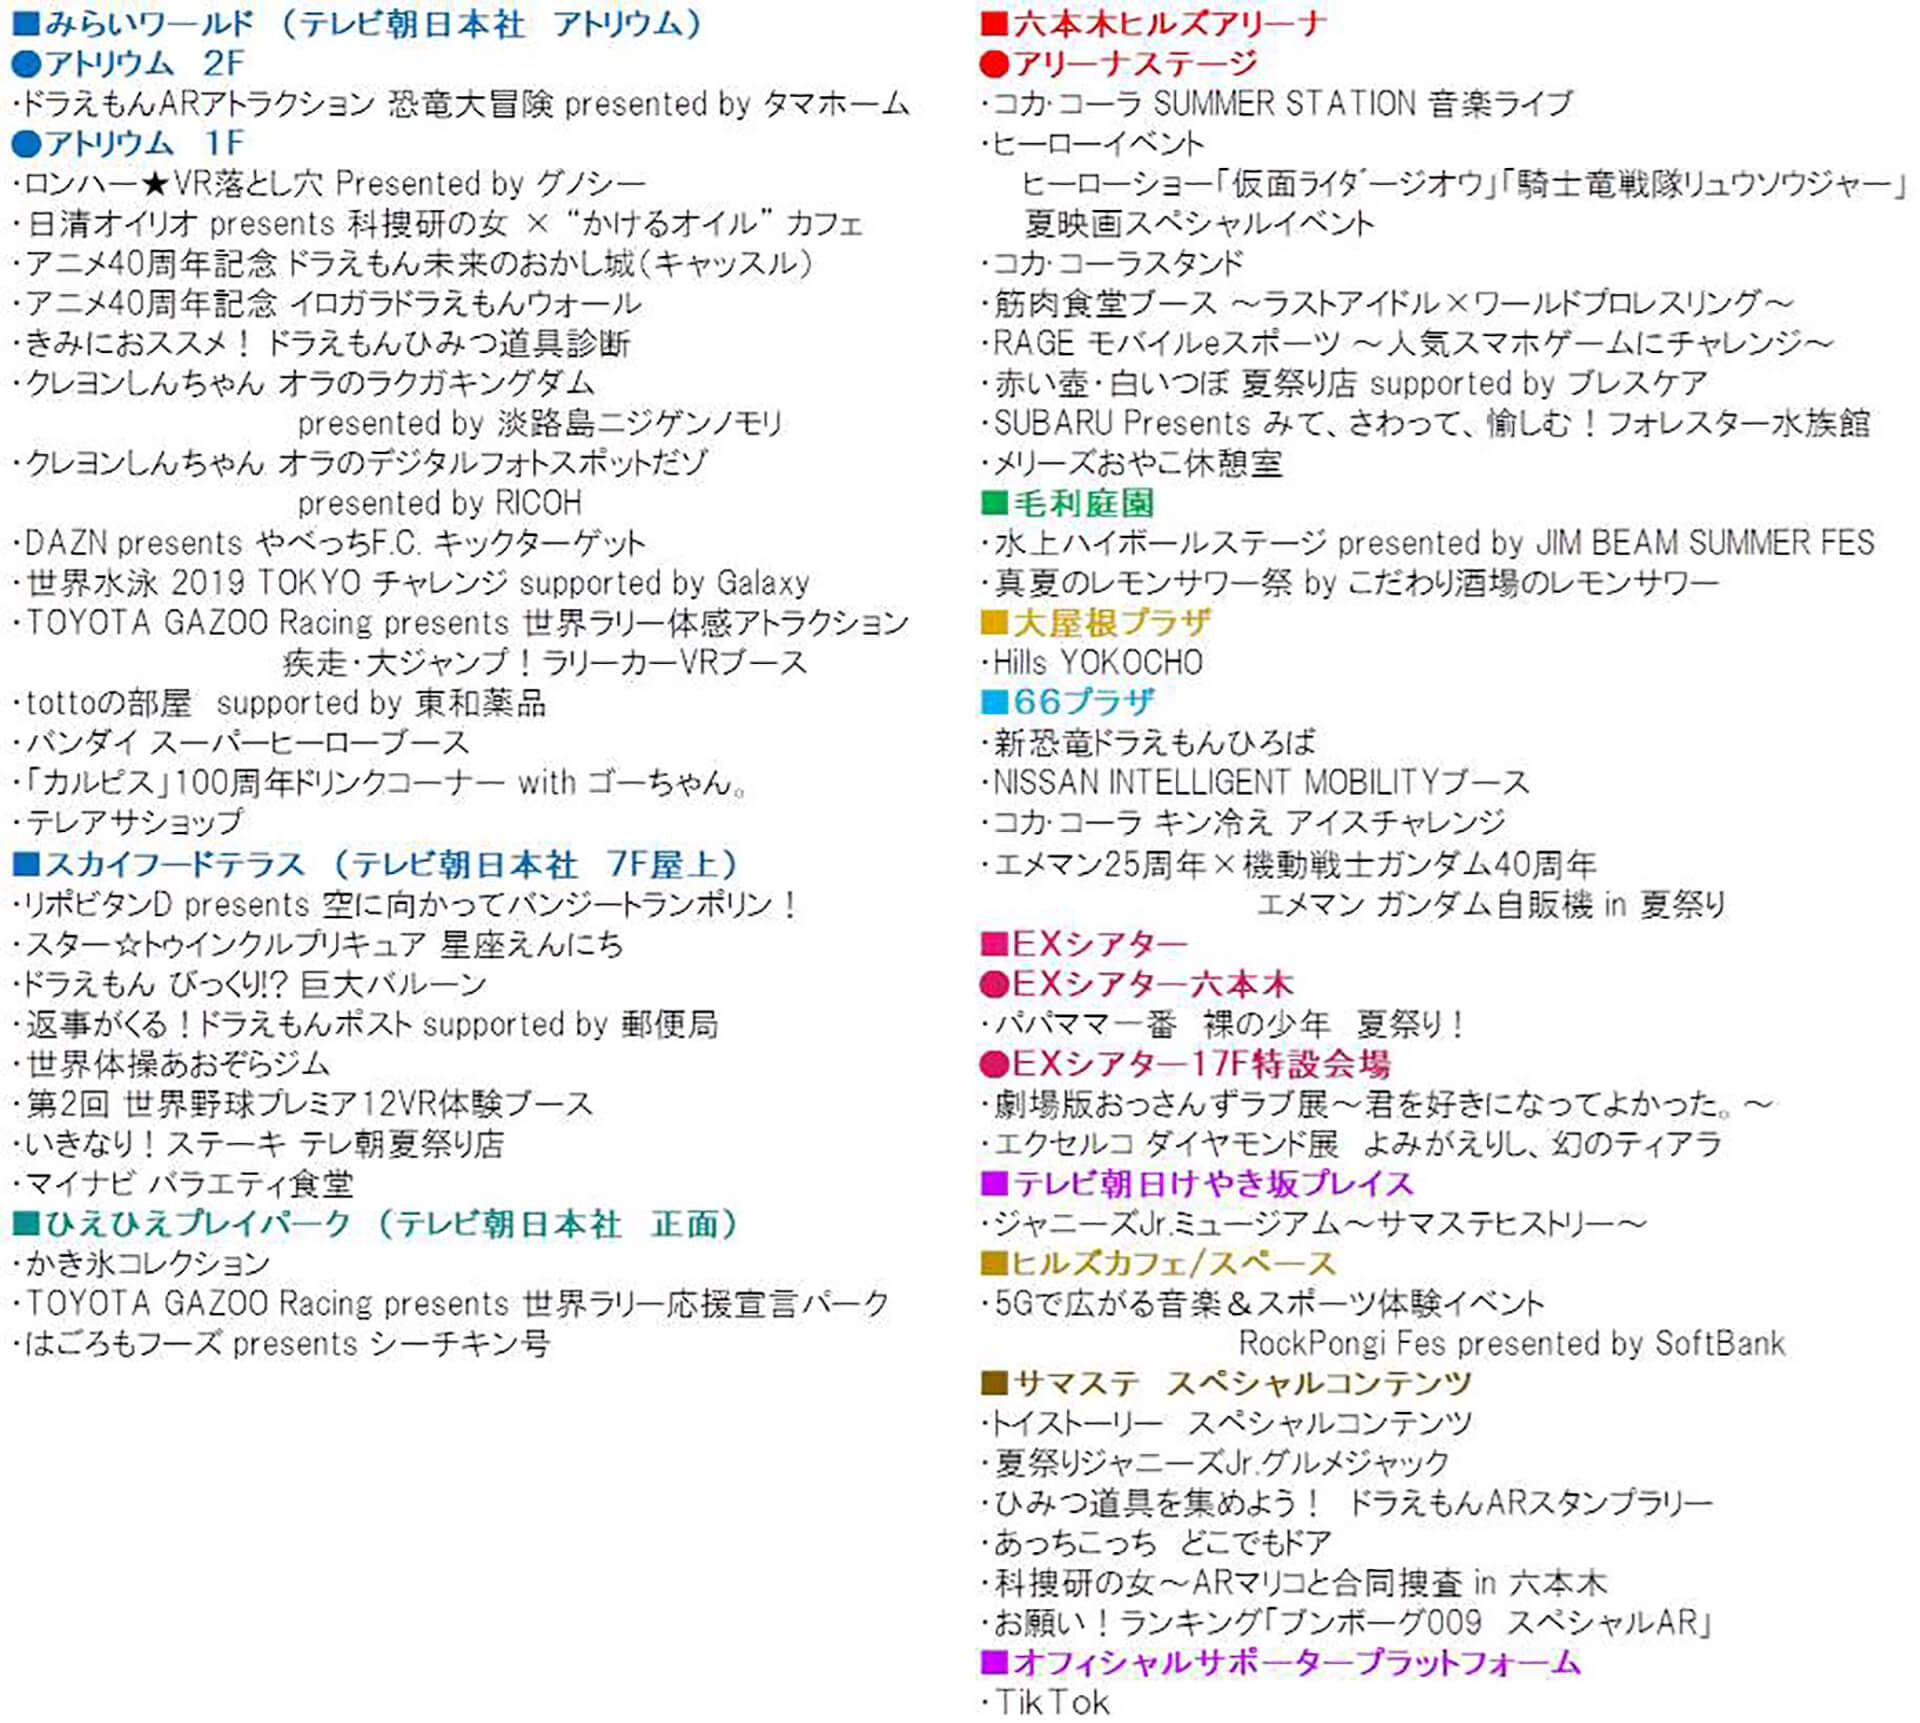 この写真は、テレビ朝日・六本木ヒルズ 夏祭りサマーステーションのコンテンツリストです